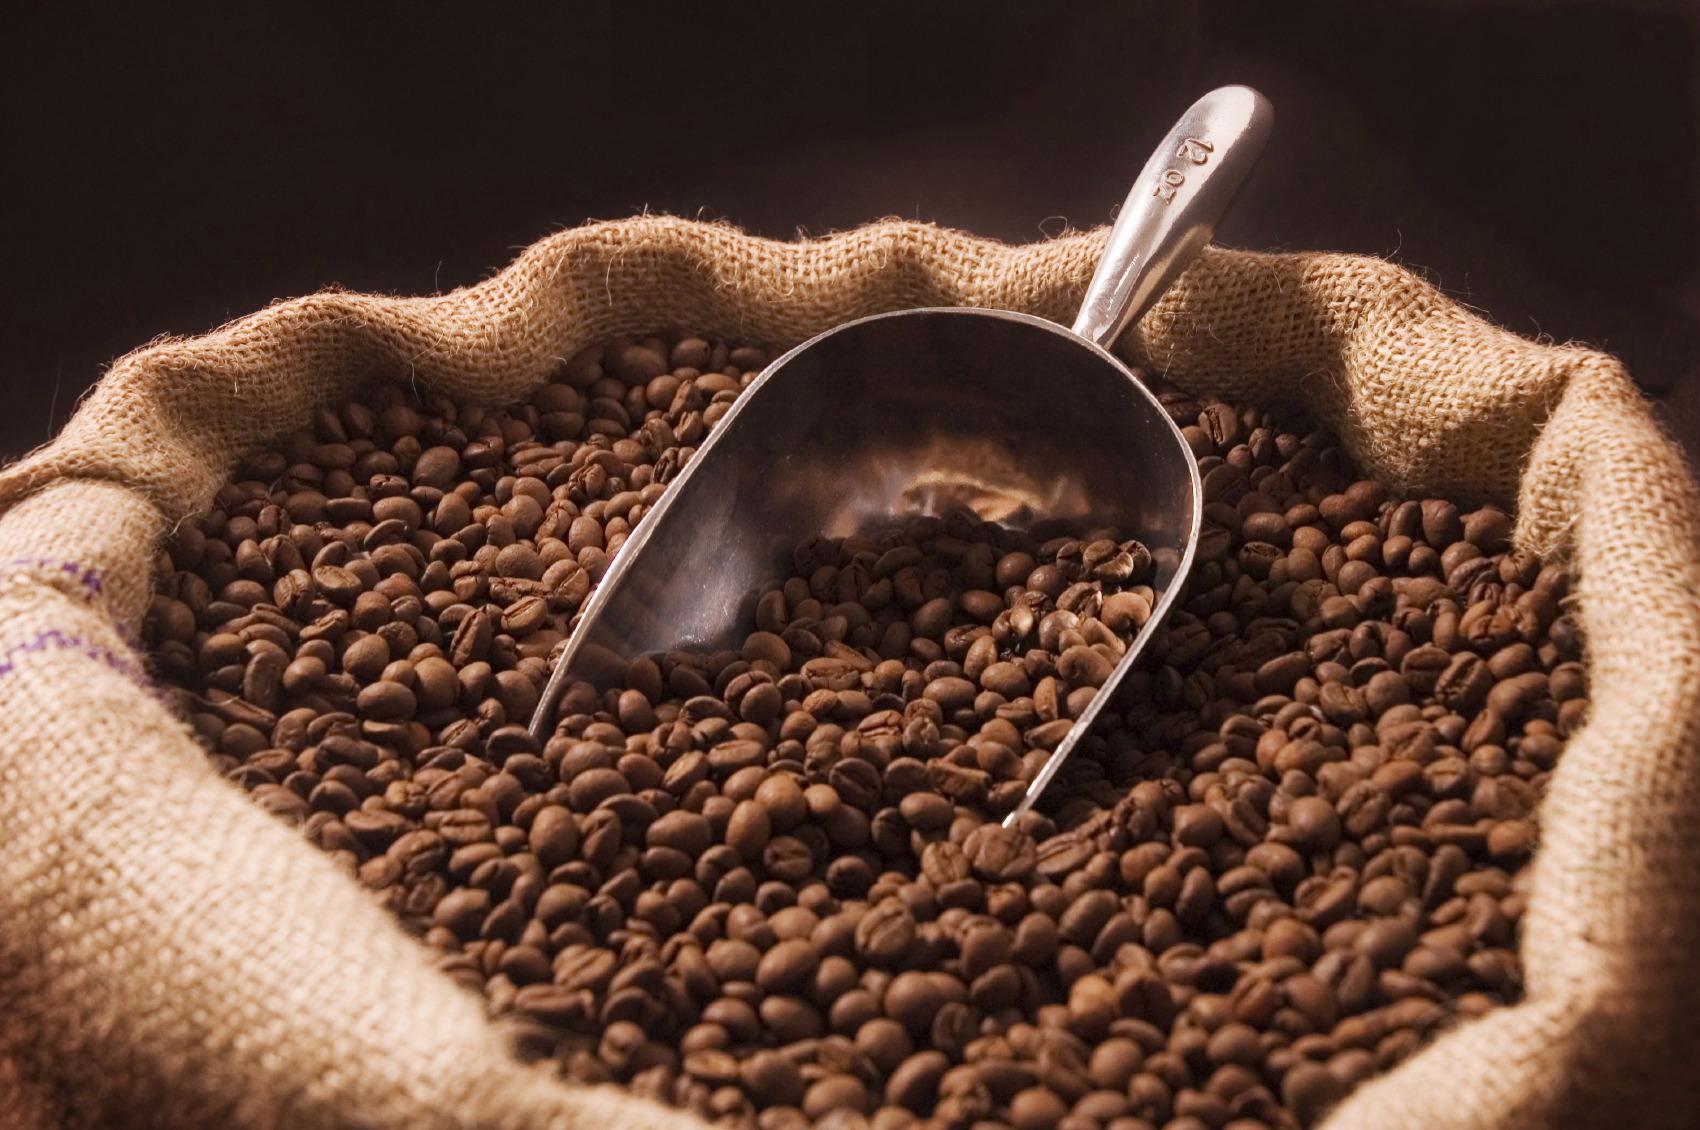 Καφές Vs Ντεκαφεϊνέ